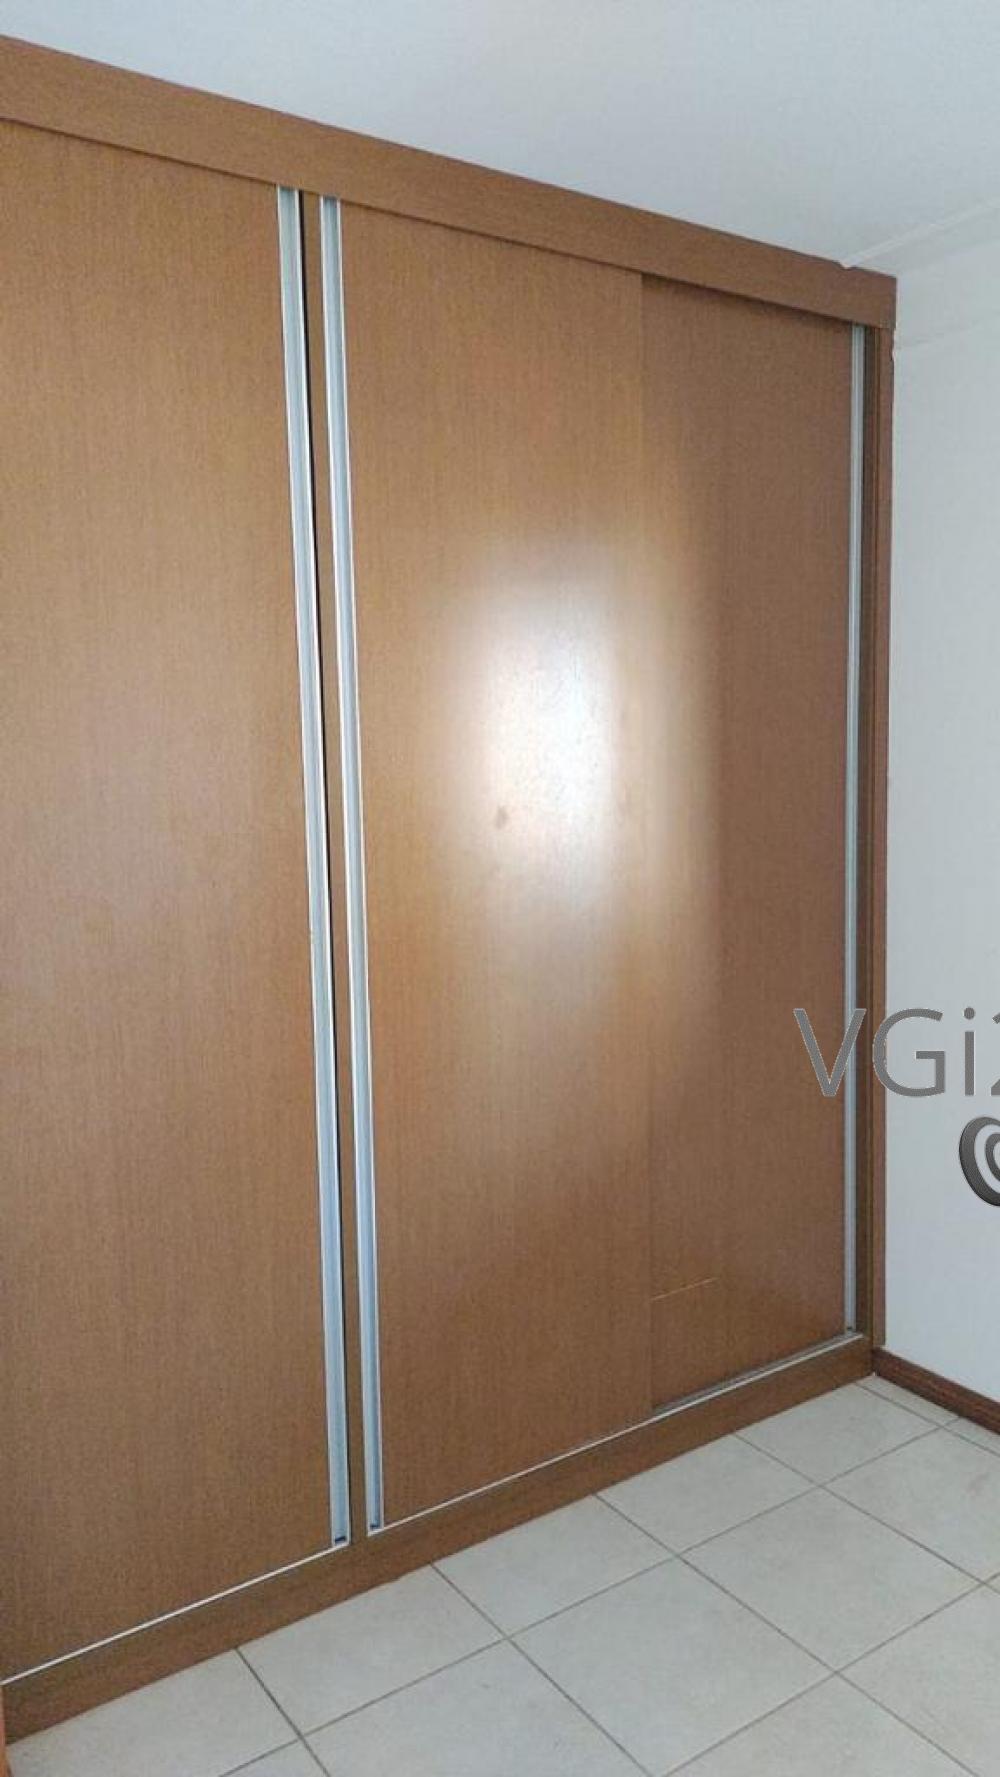 Comprar Apartamento / Padrão em Ribeirão Preto R$ 367.500,00 - Foto 9